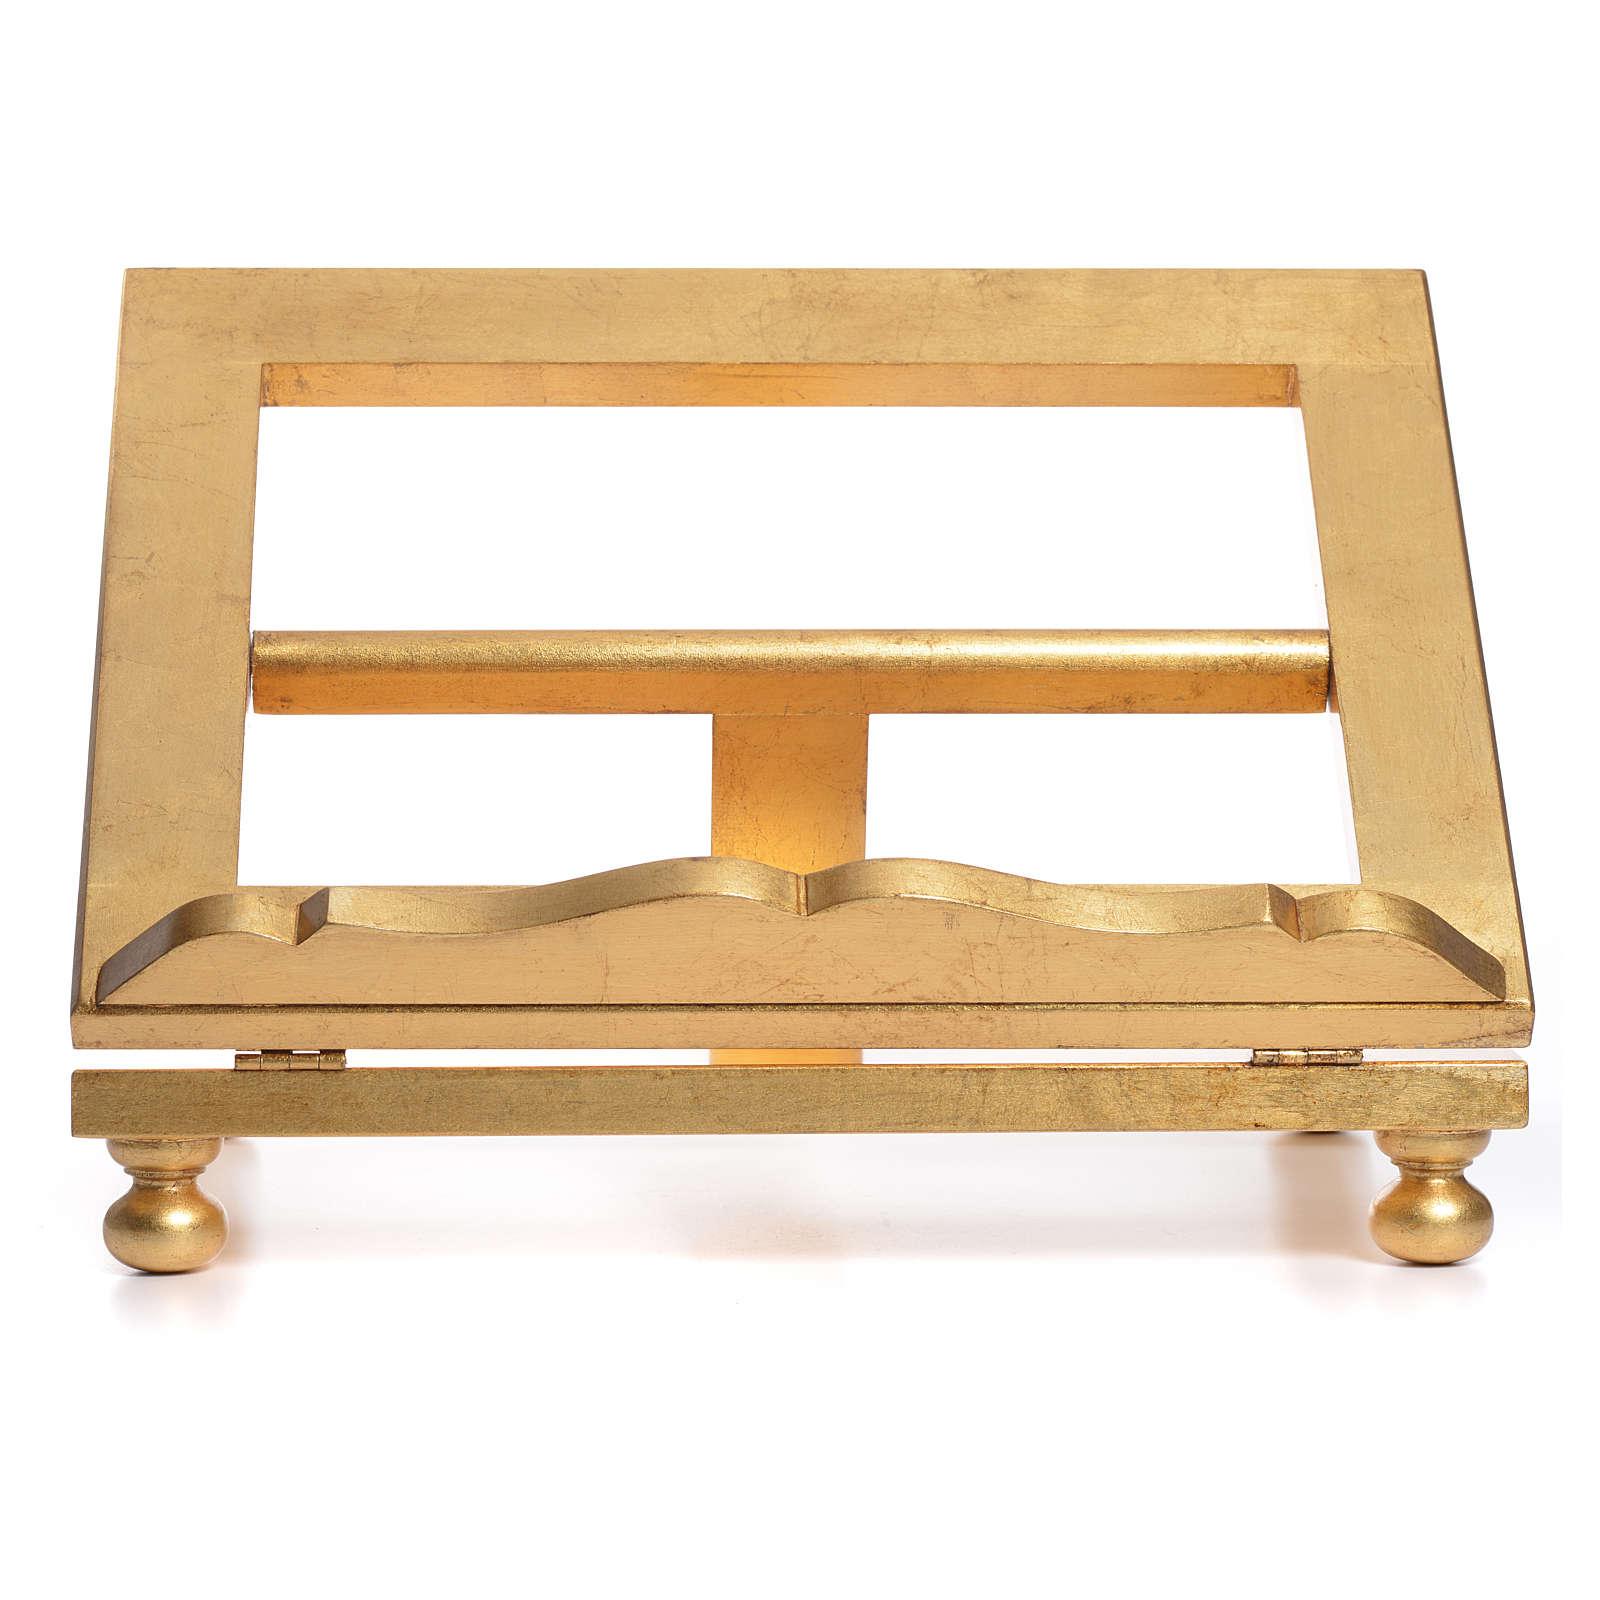 Estante mesa folha ouro 35x40 cm 4